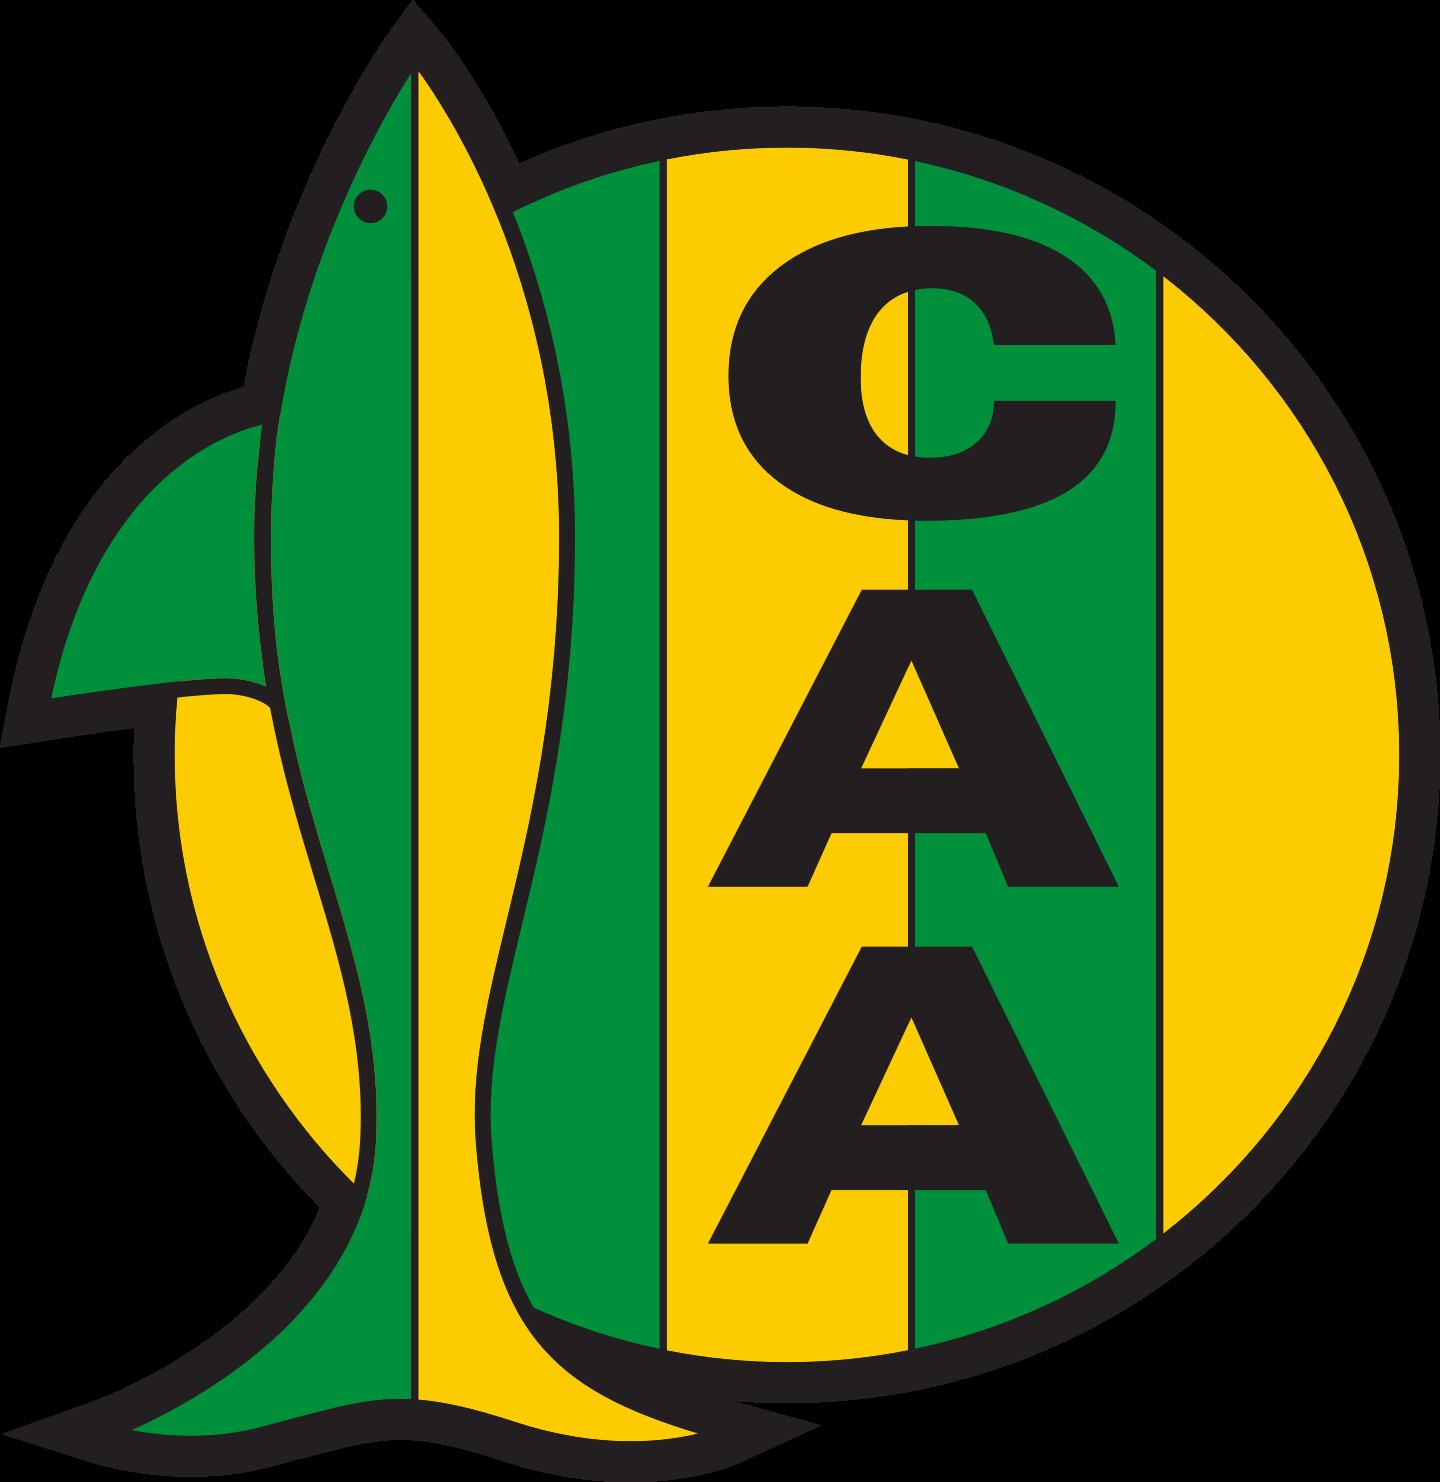 ca aldosivi logo 2 - CA Aldosivi Logo - Escudo